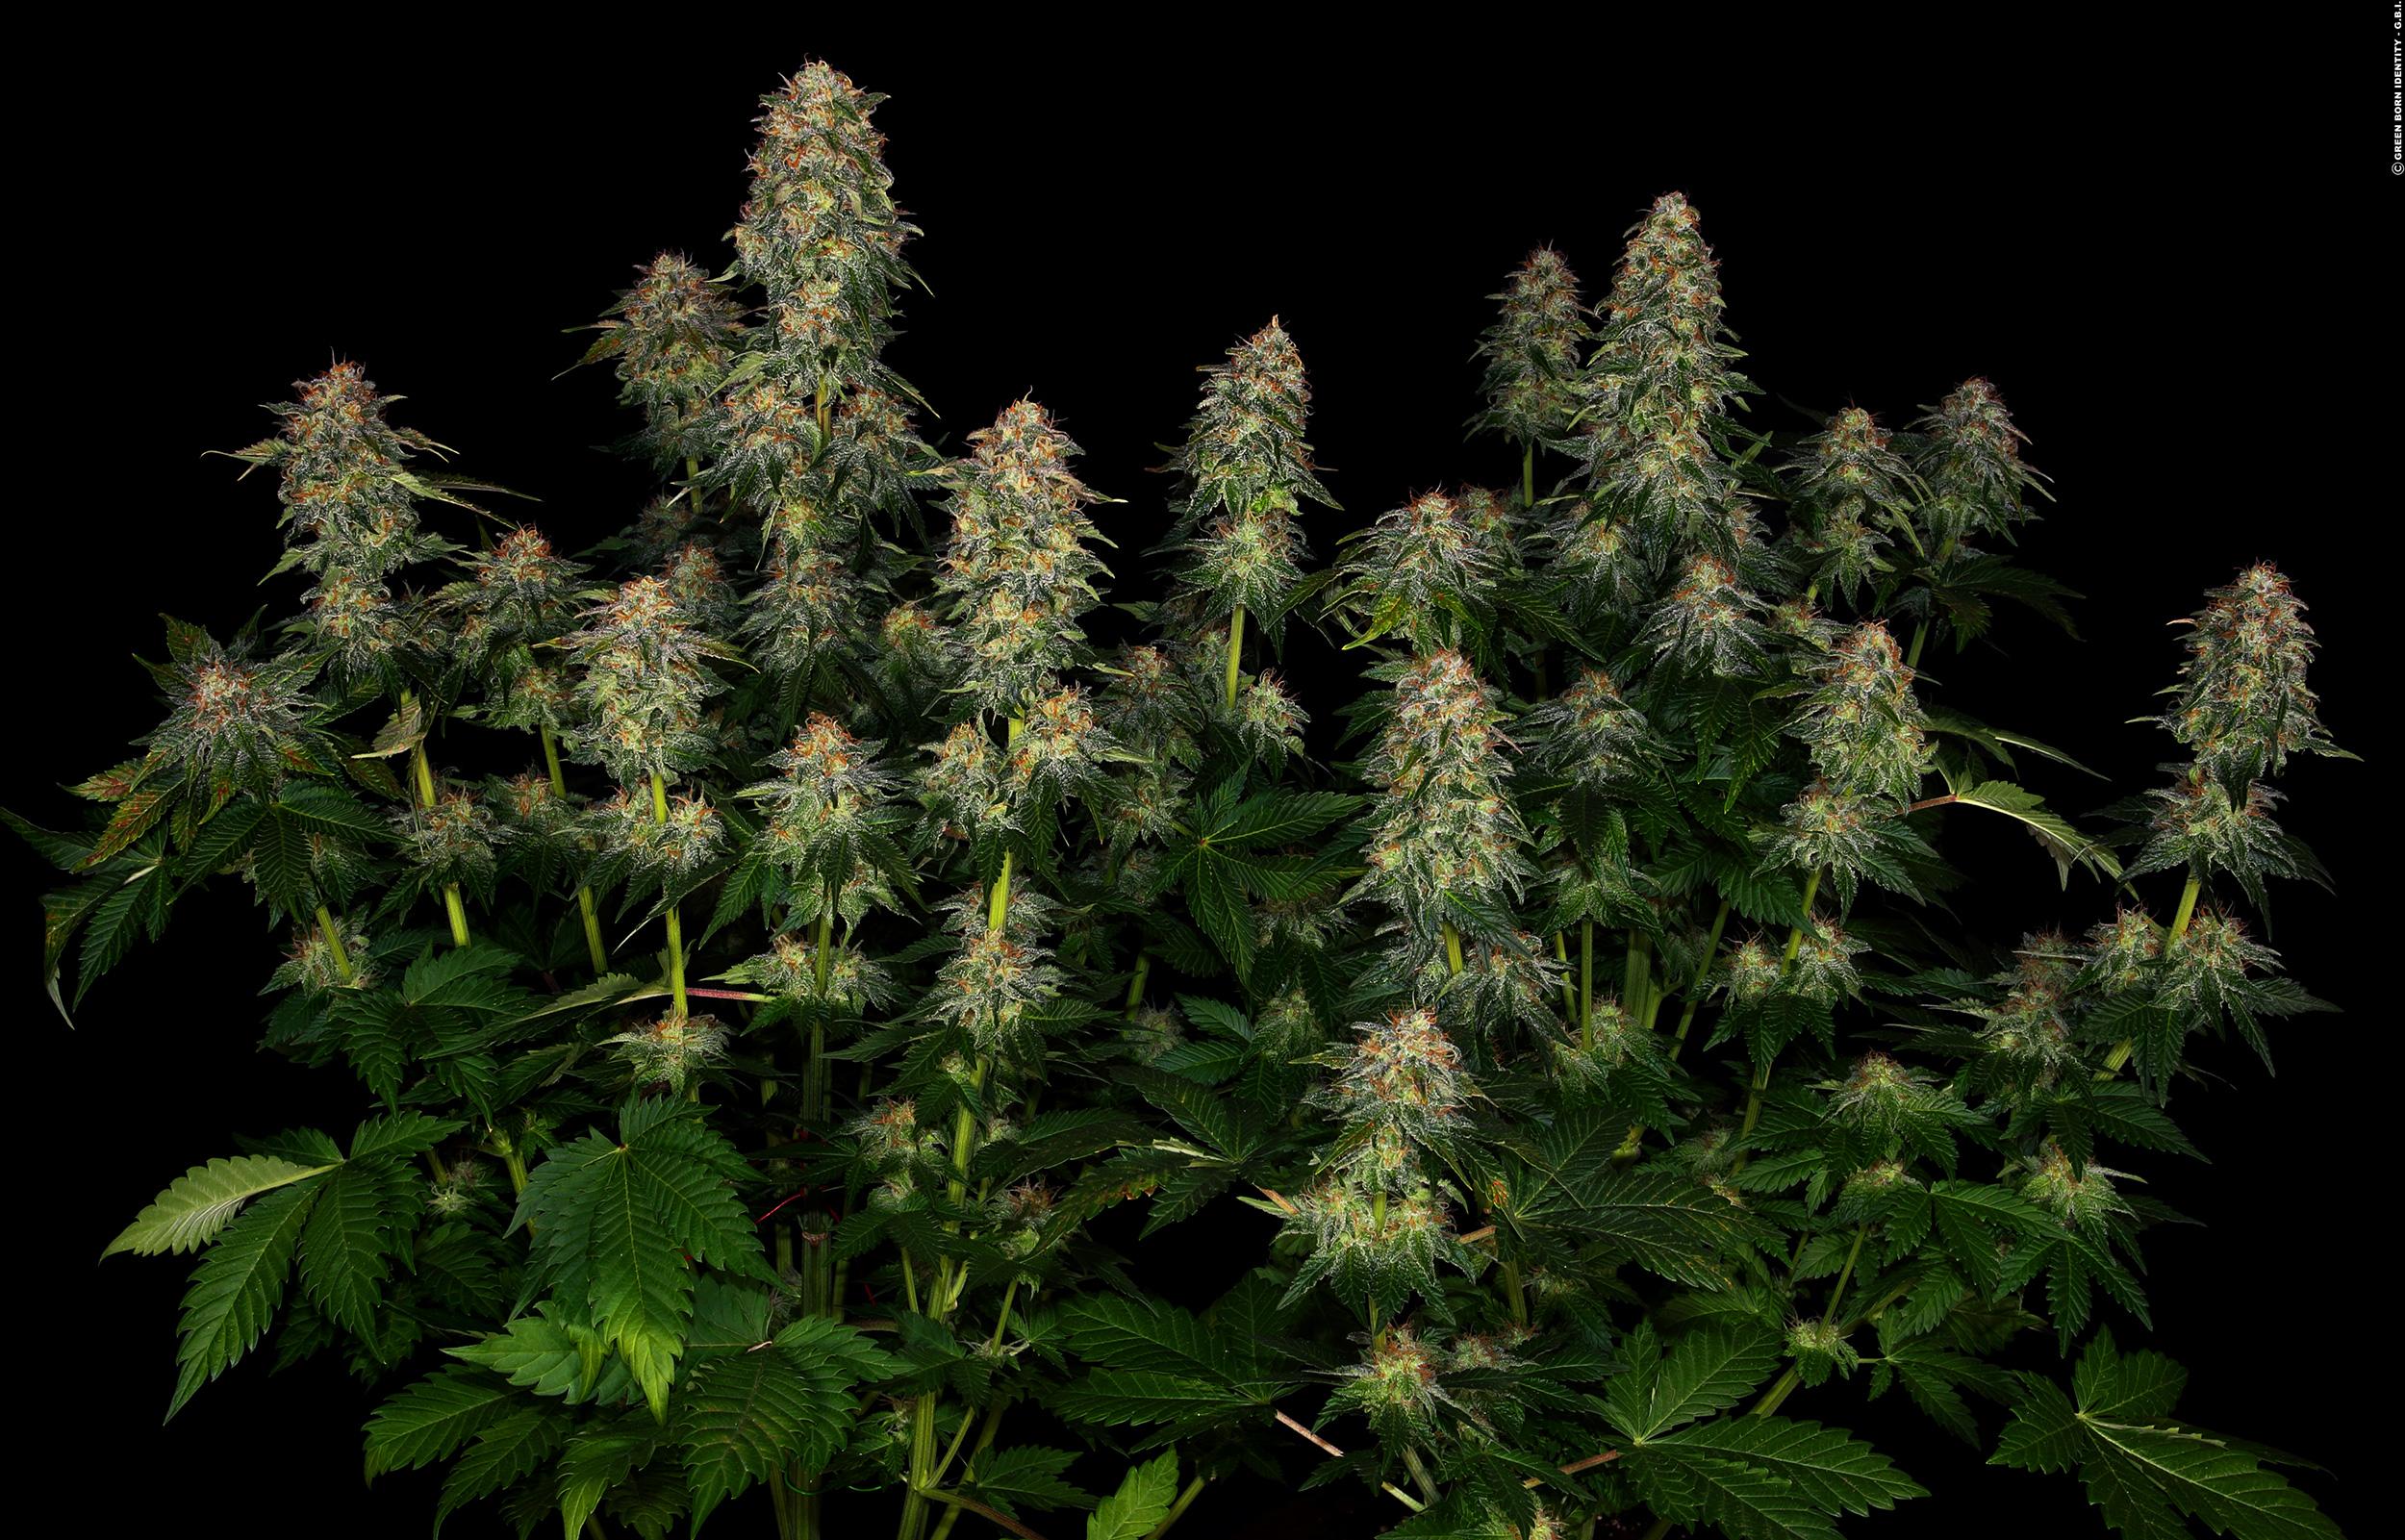 Moby Dick - Volle Breitseite vom Cannabismonster